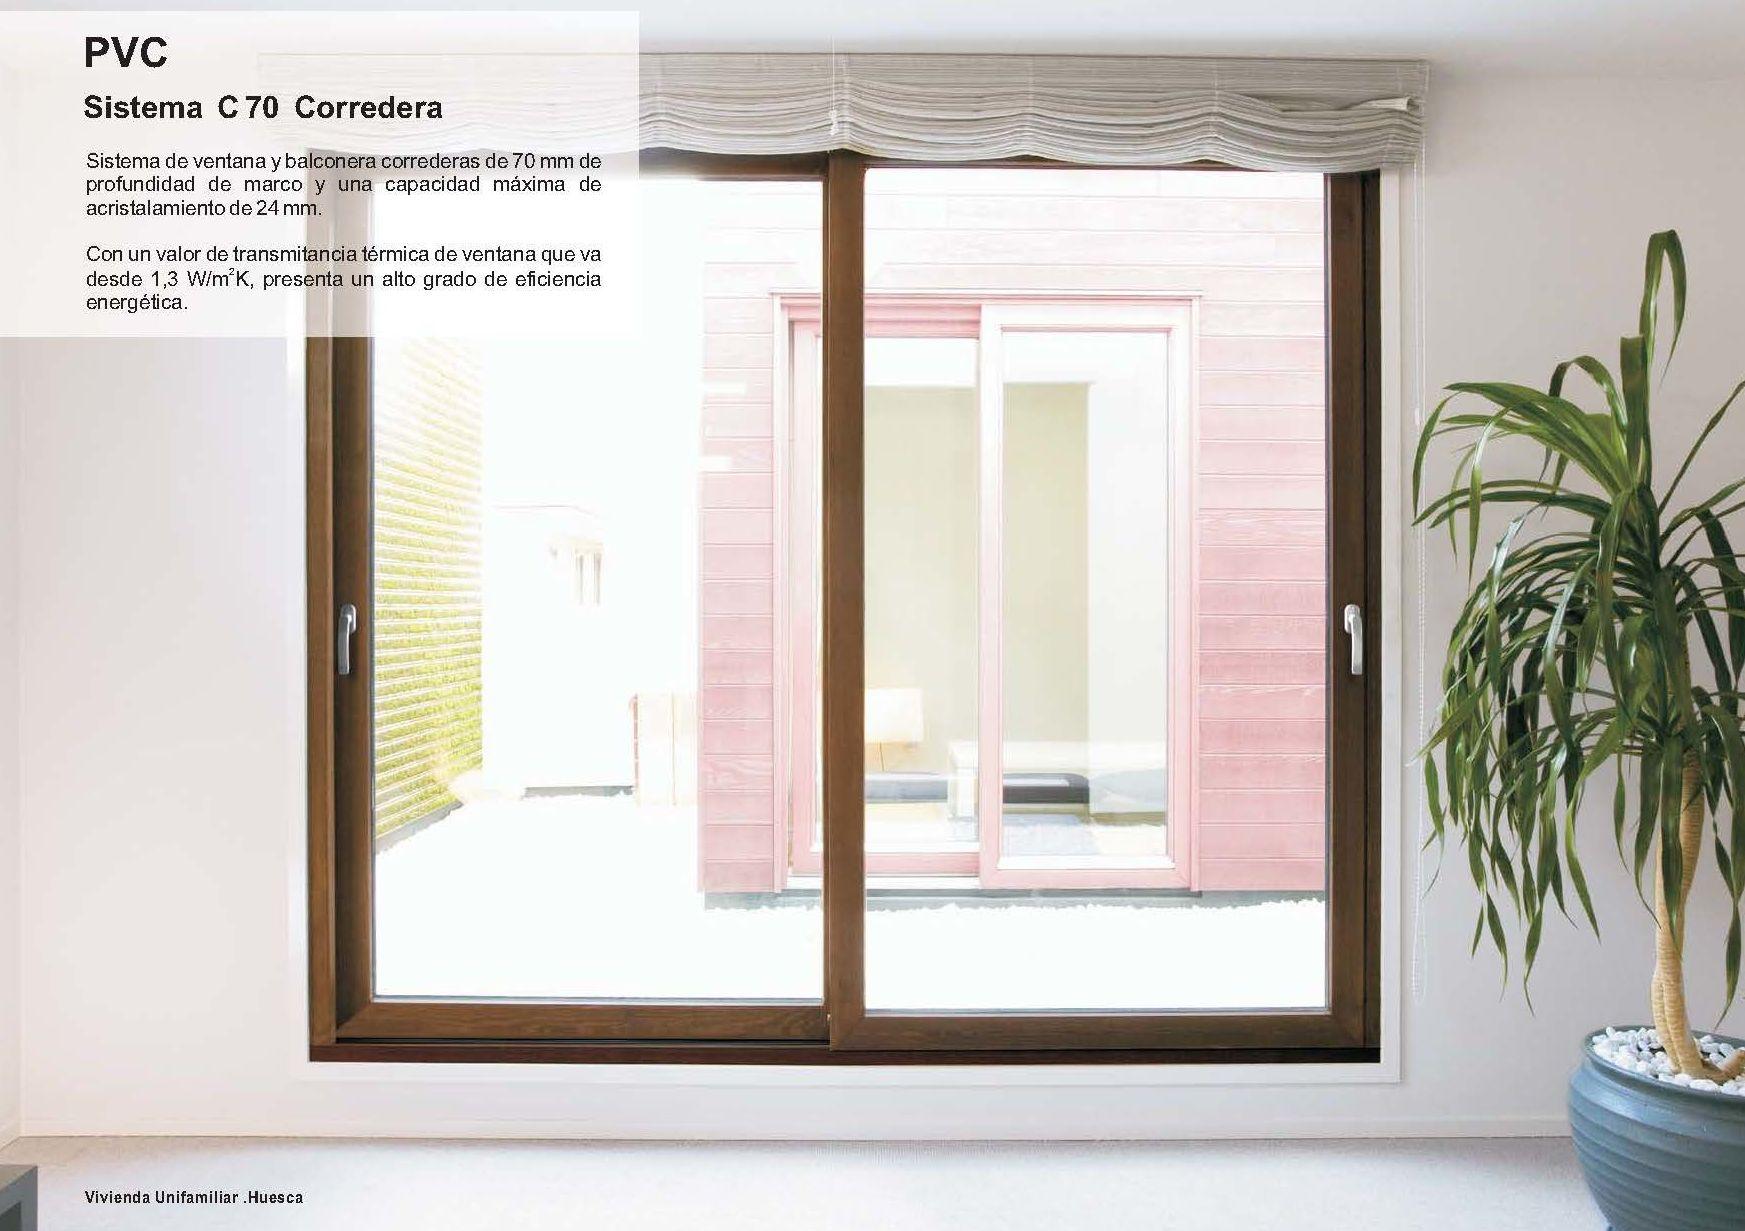 C 70 Corredera - PVC: Catálogo de Jgmaluminio